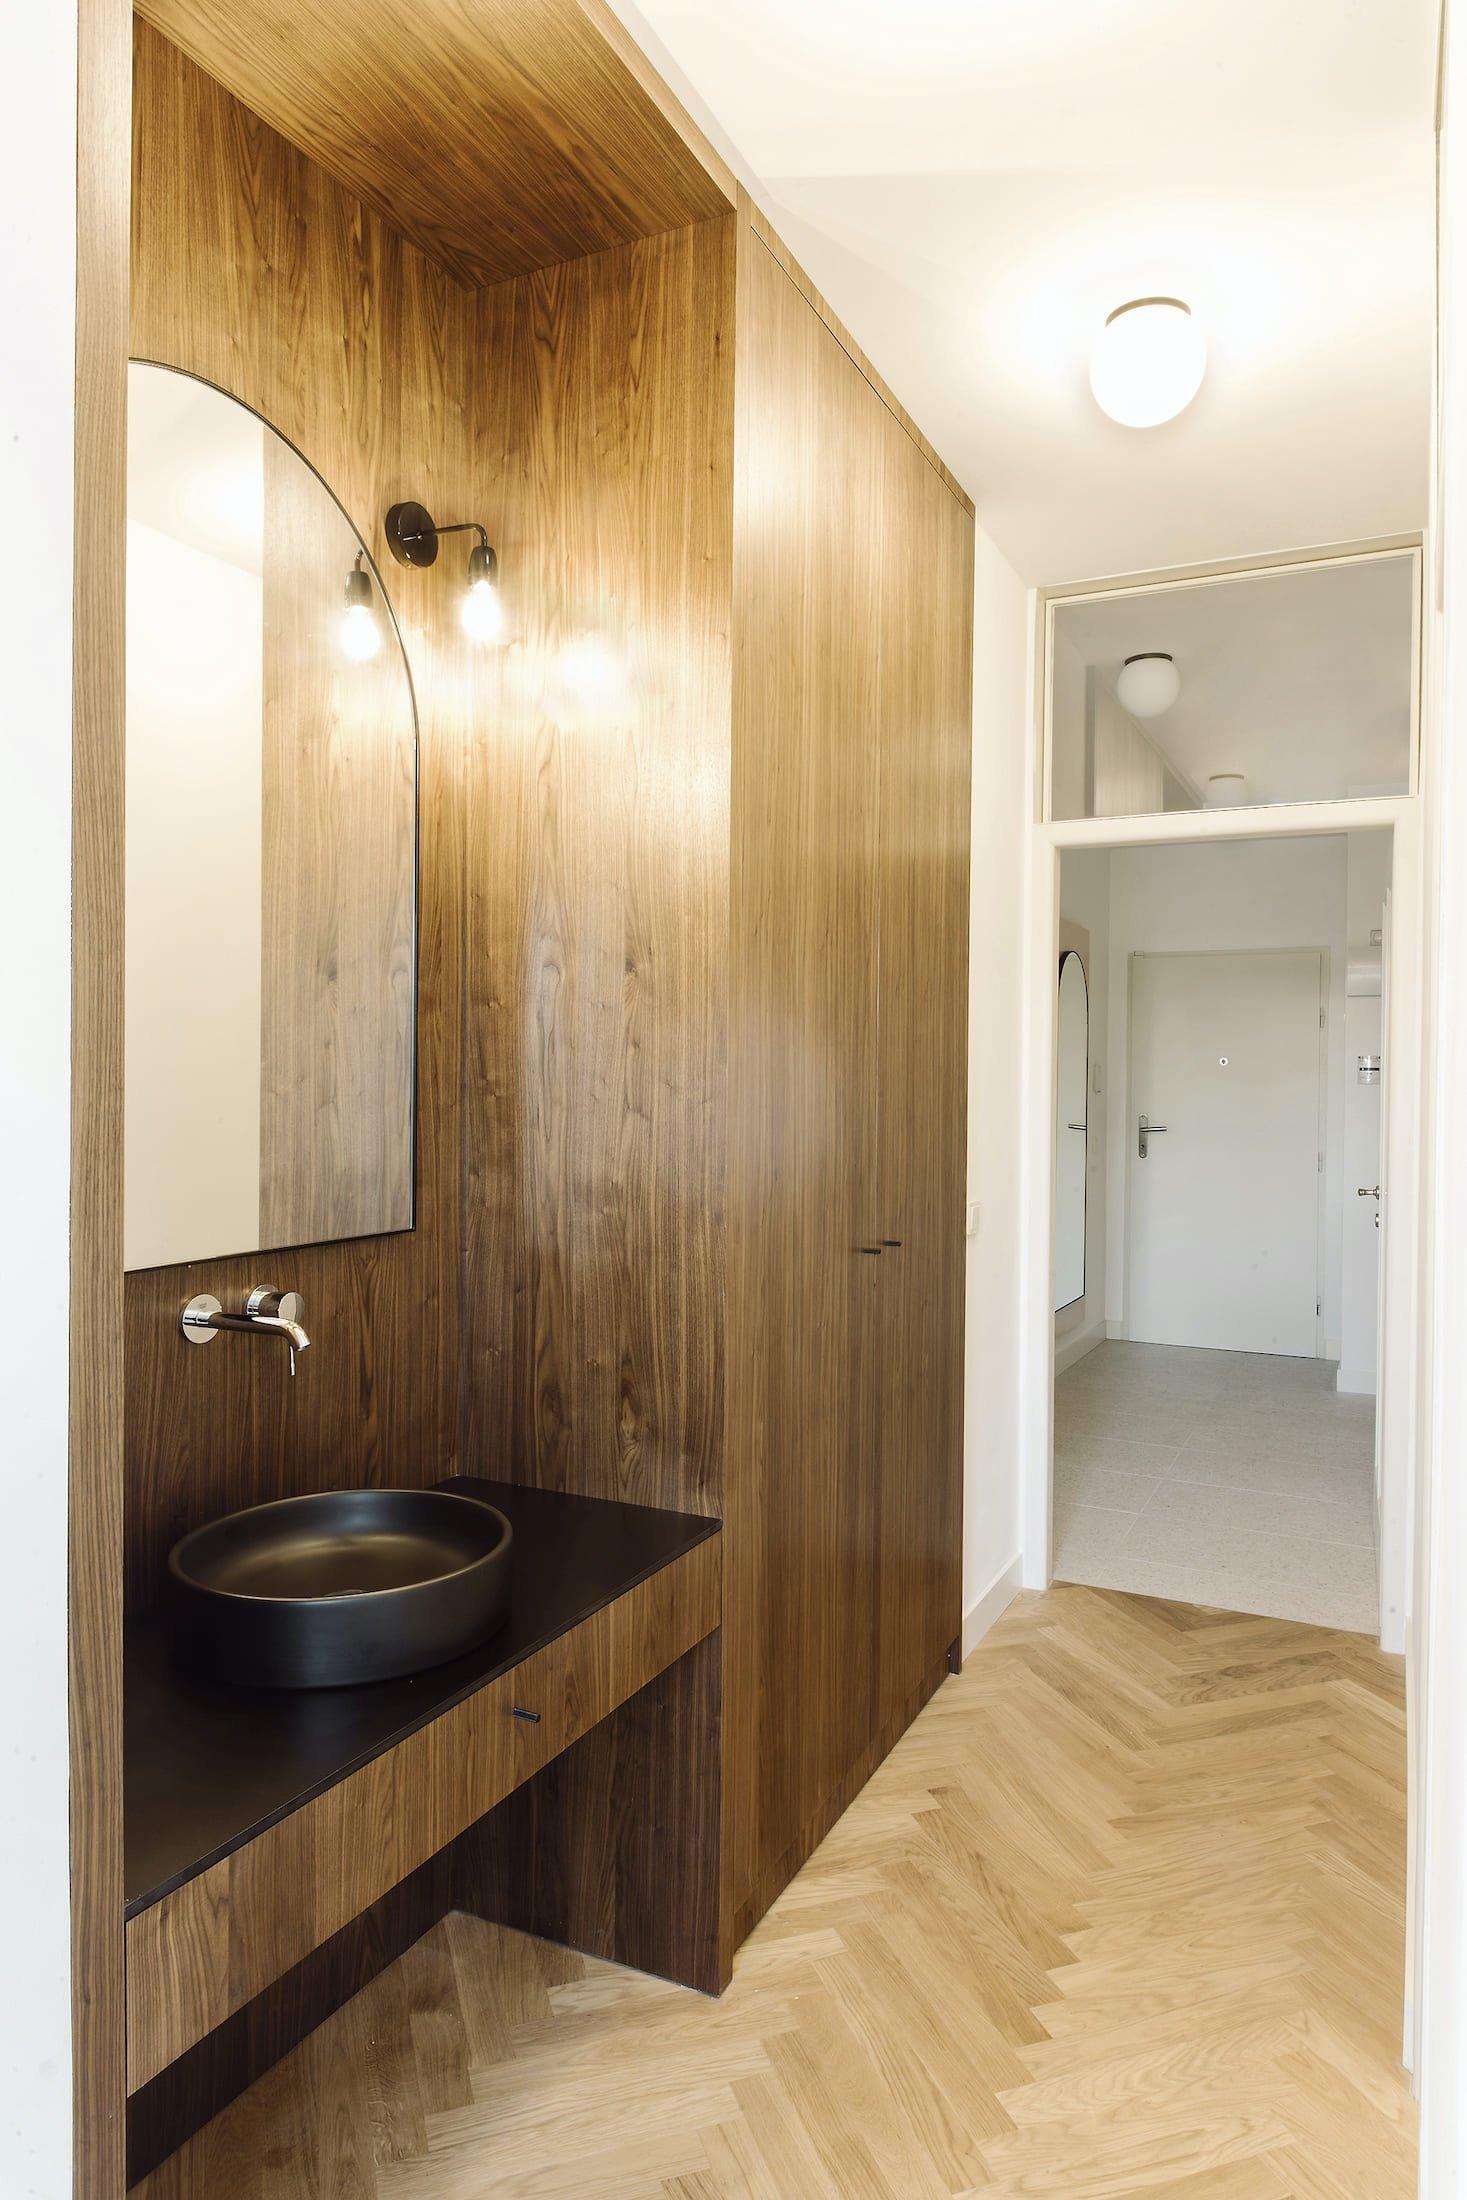 Dnes nás čeká prohlídka bytu, který podle návrhu architekta Fritze Lehmanna krášlí pražské nábřeží už od roku 1938. Na přání nové doby a stoupajících nároků na moderní bydlení sice změnil svou tvář, genius loci však zůstal zachován.